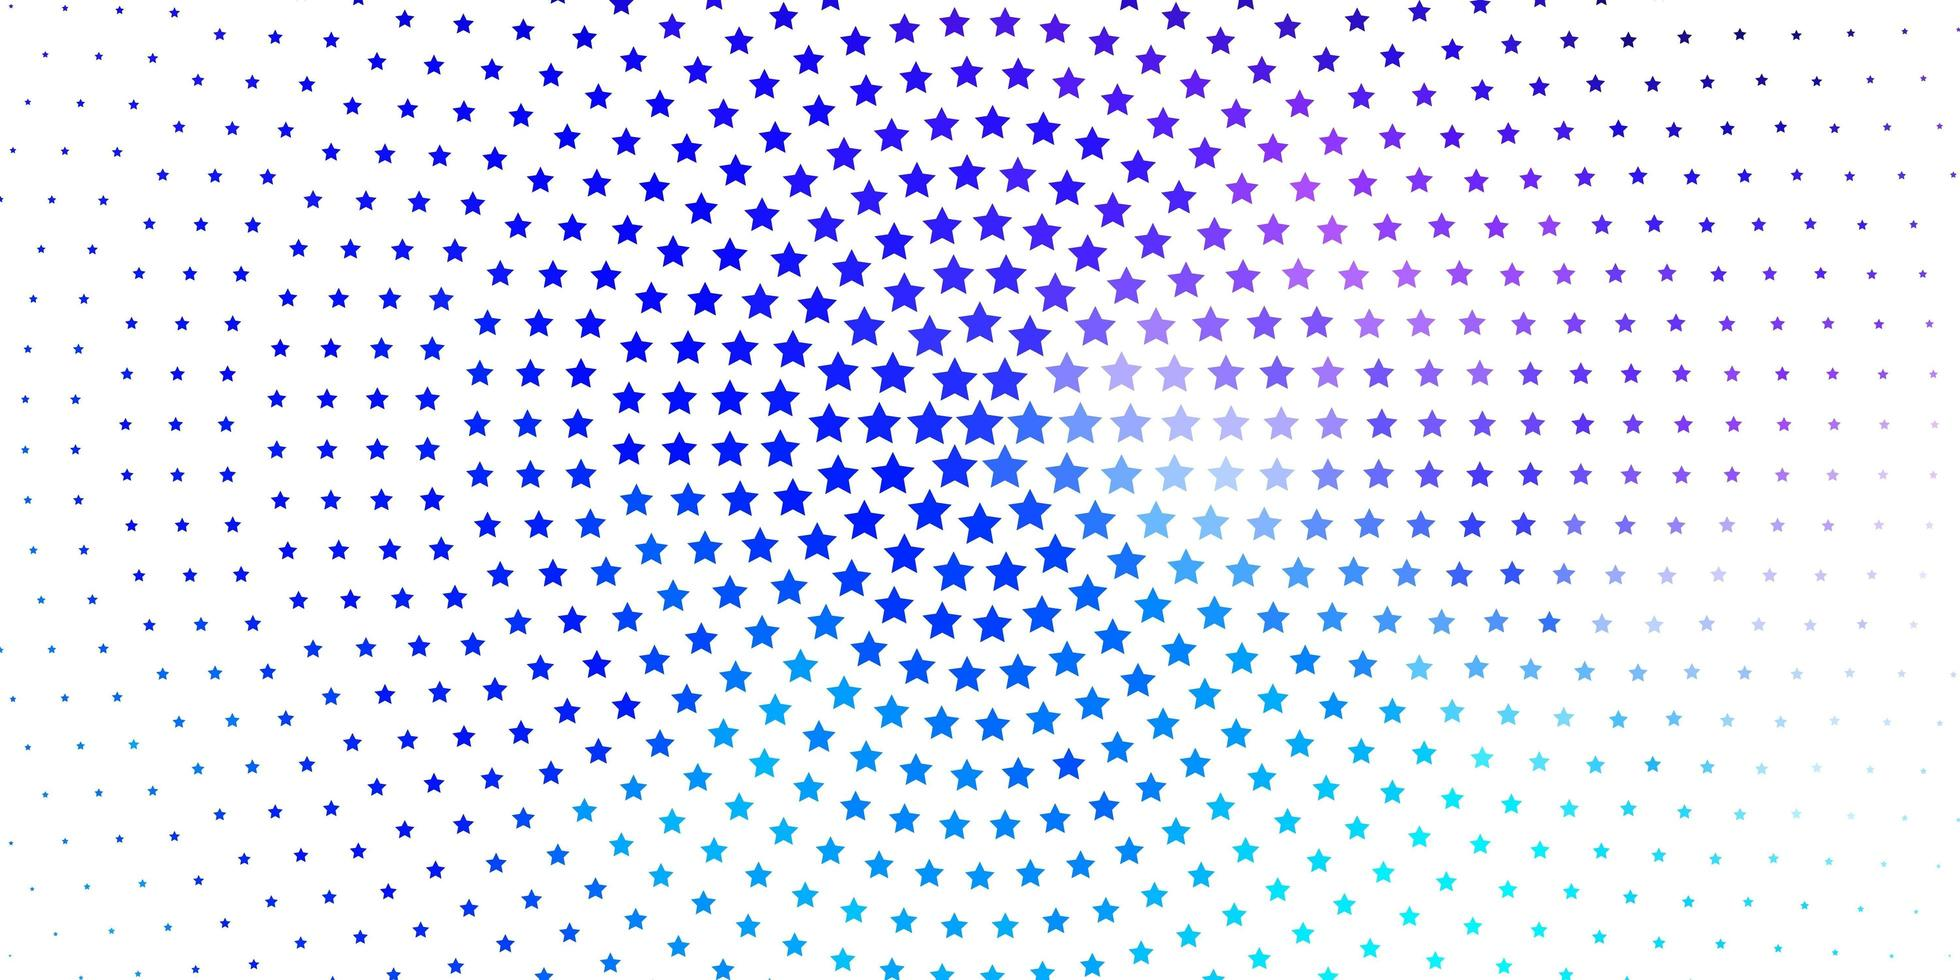 lichtroze, blauwe vectorachtergrond met kleurrijke sterren. vector